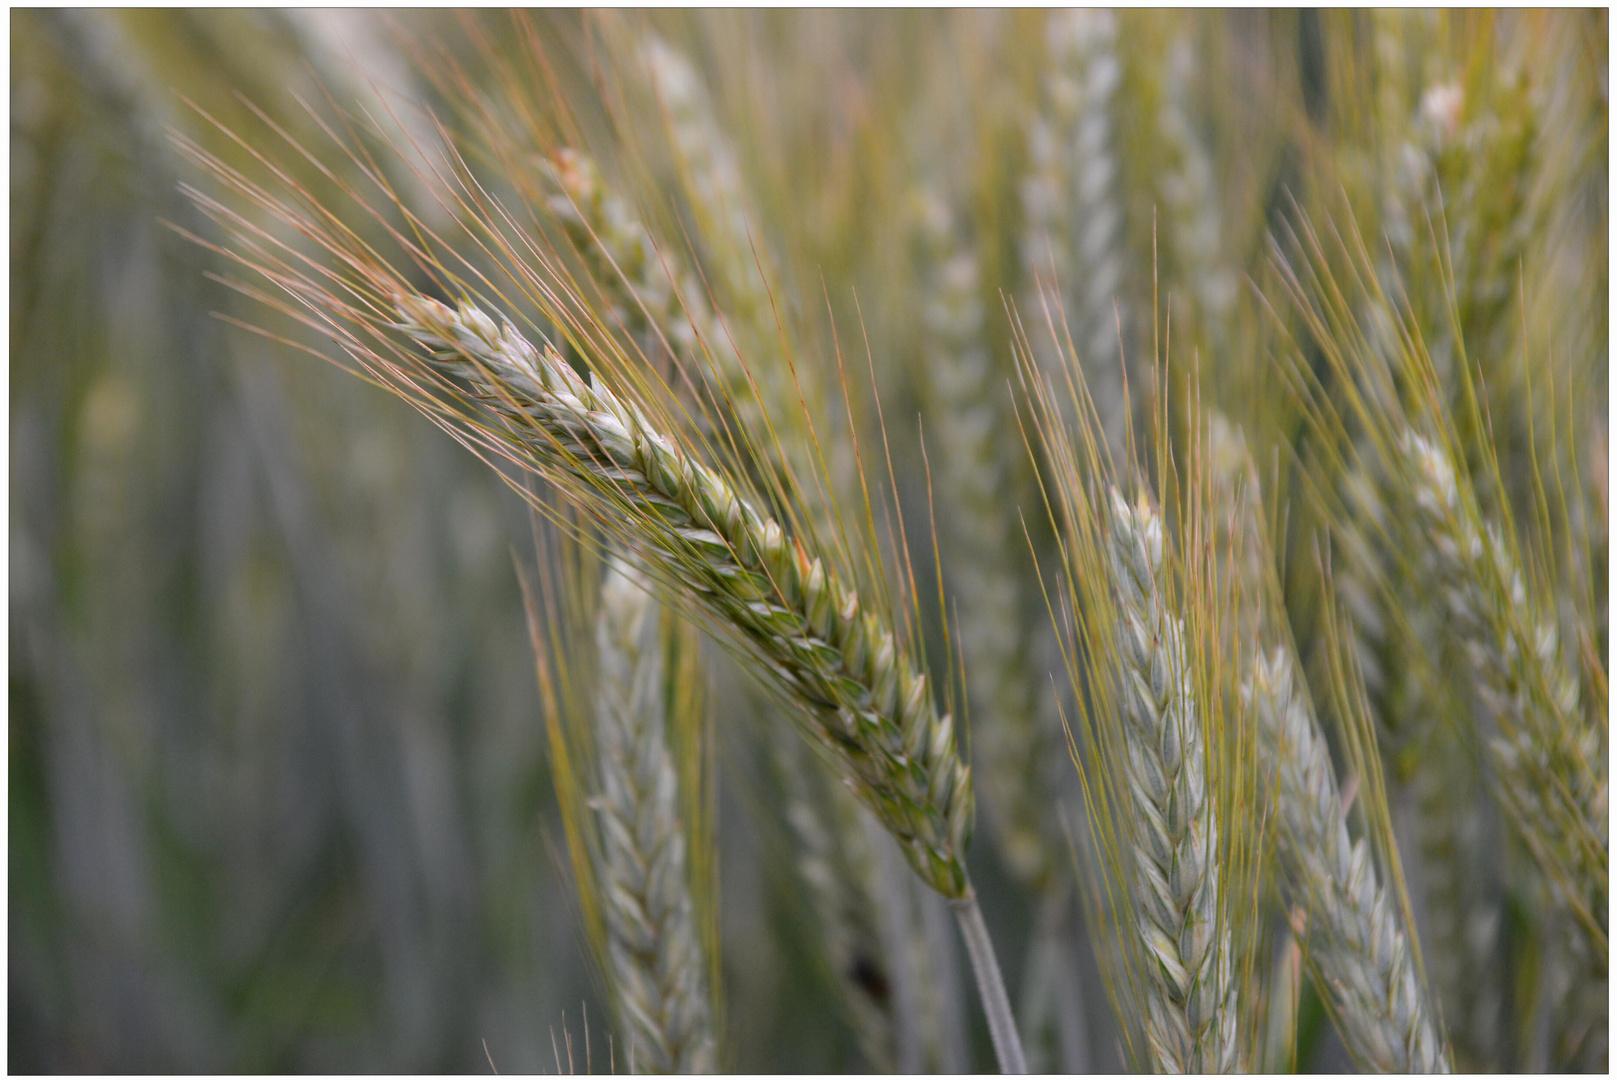 imagen de mi nueva cámara V - campo de cereales